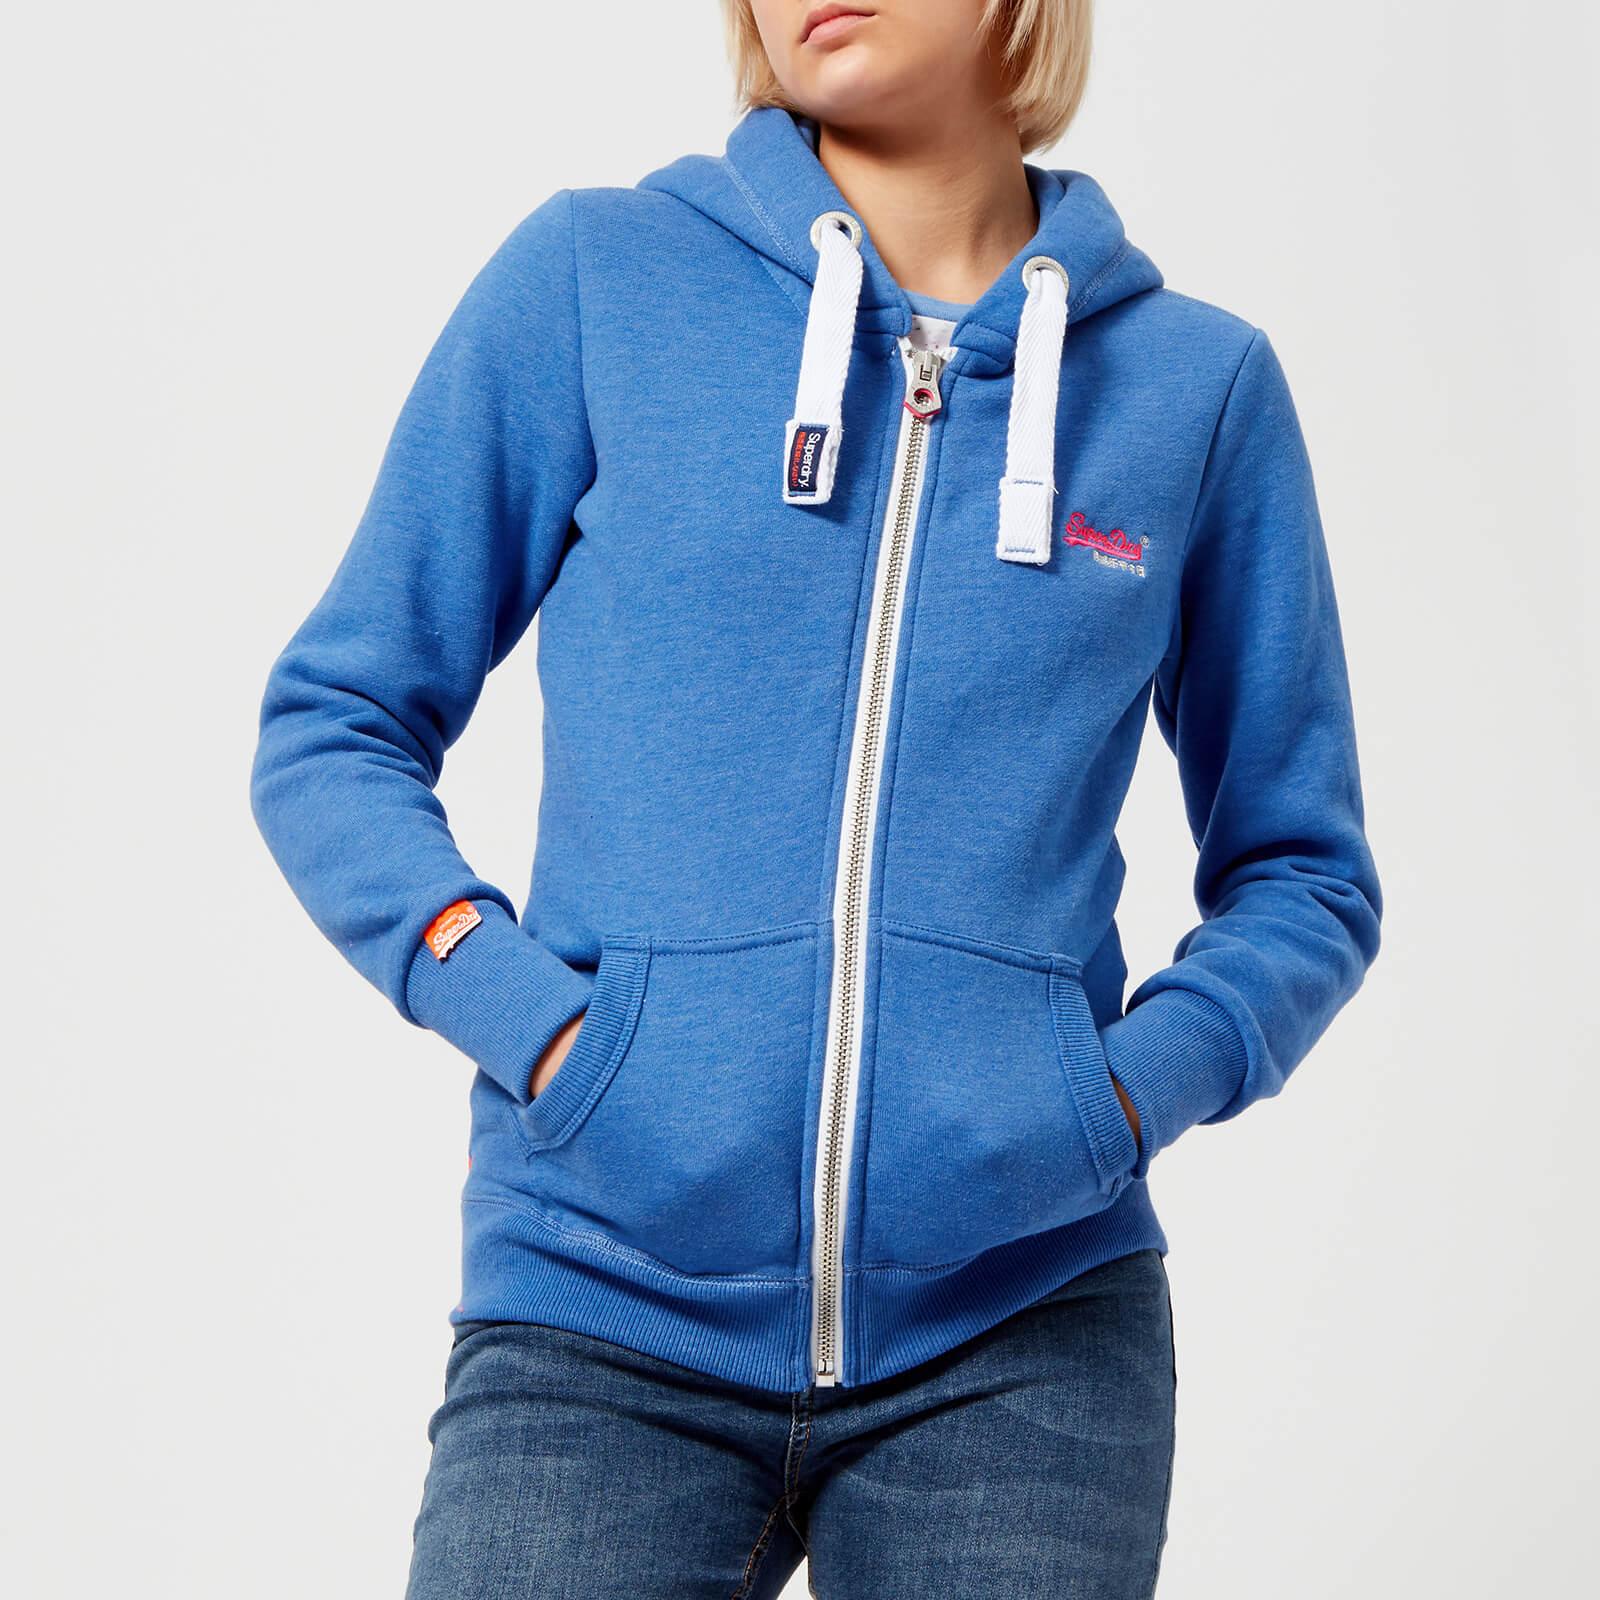 f089963f2e118 Superdry Women's Orange Label Primary Zip Hoody - Boardwalk Blue Marl